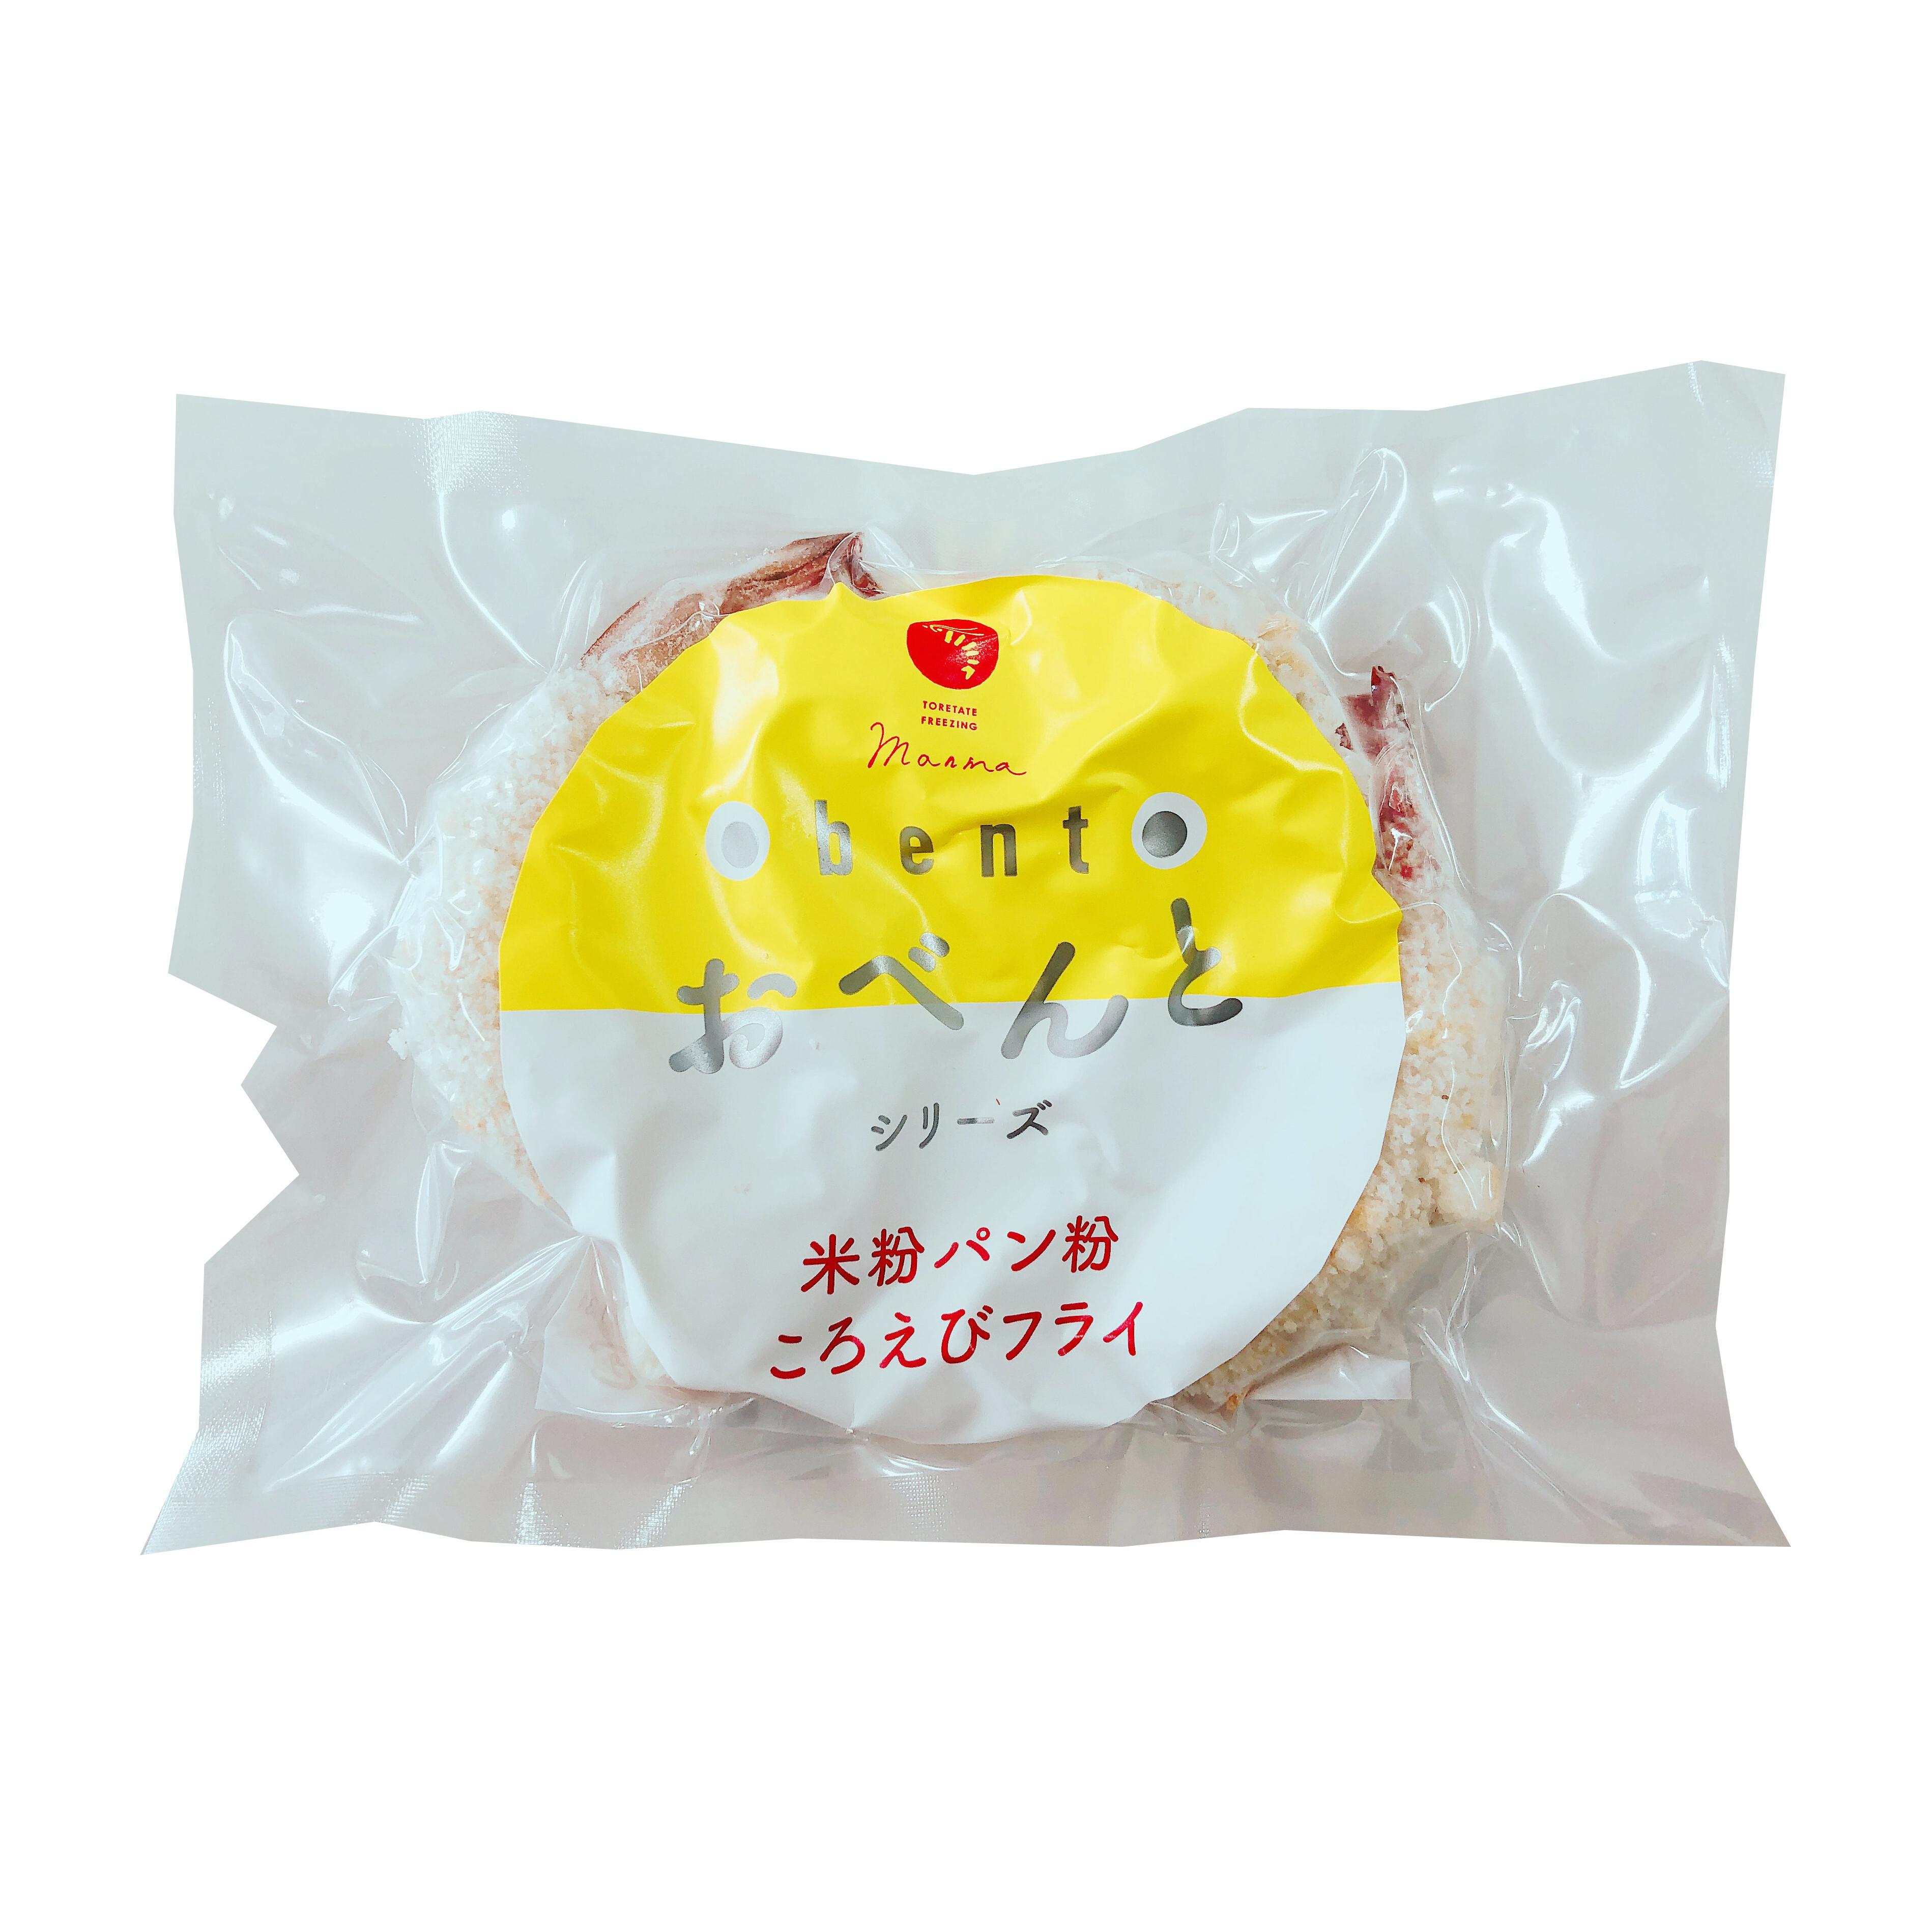 米粉パン粉ころえびフライ 90g【おべんとシリーズ】